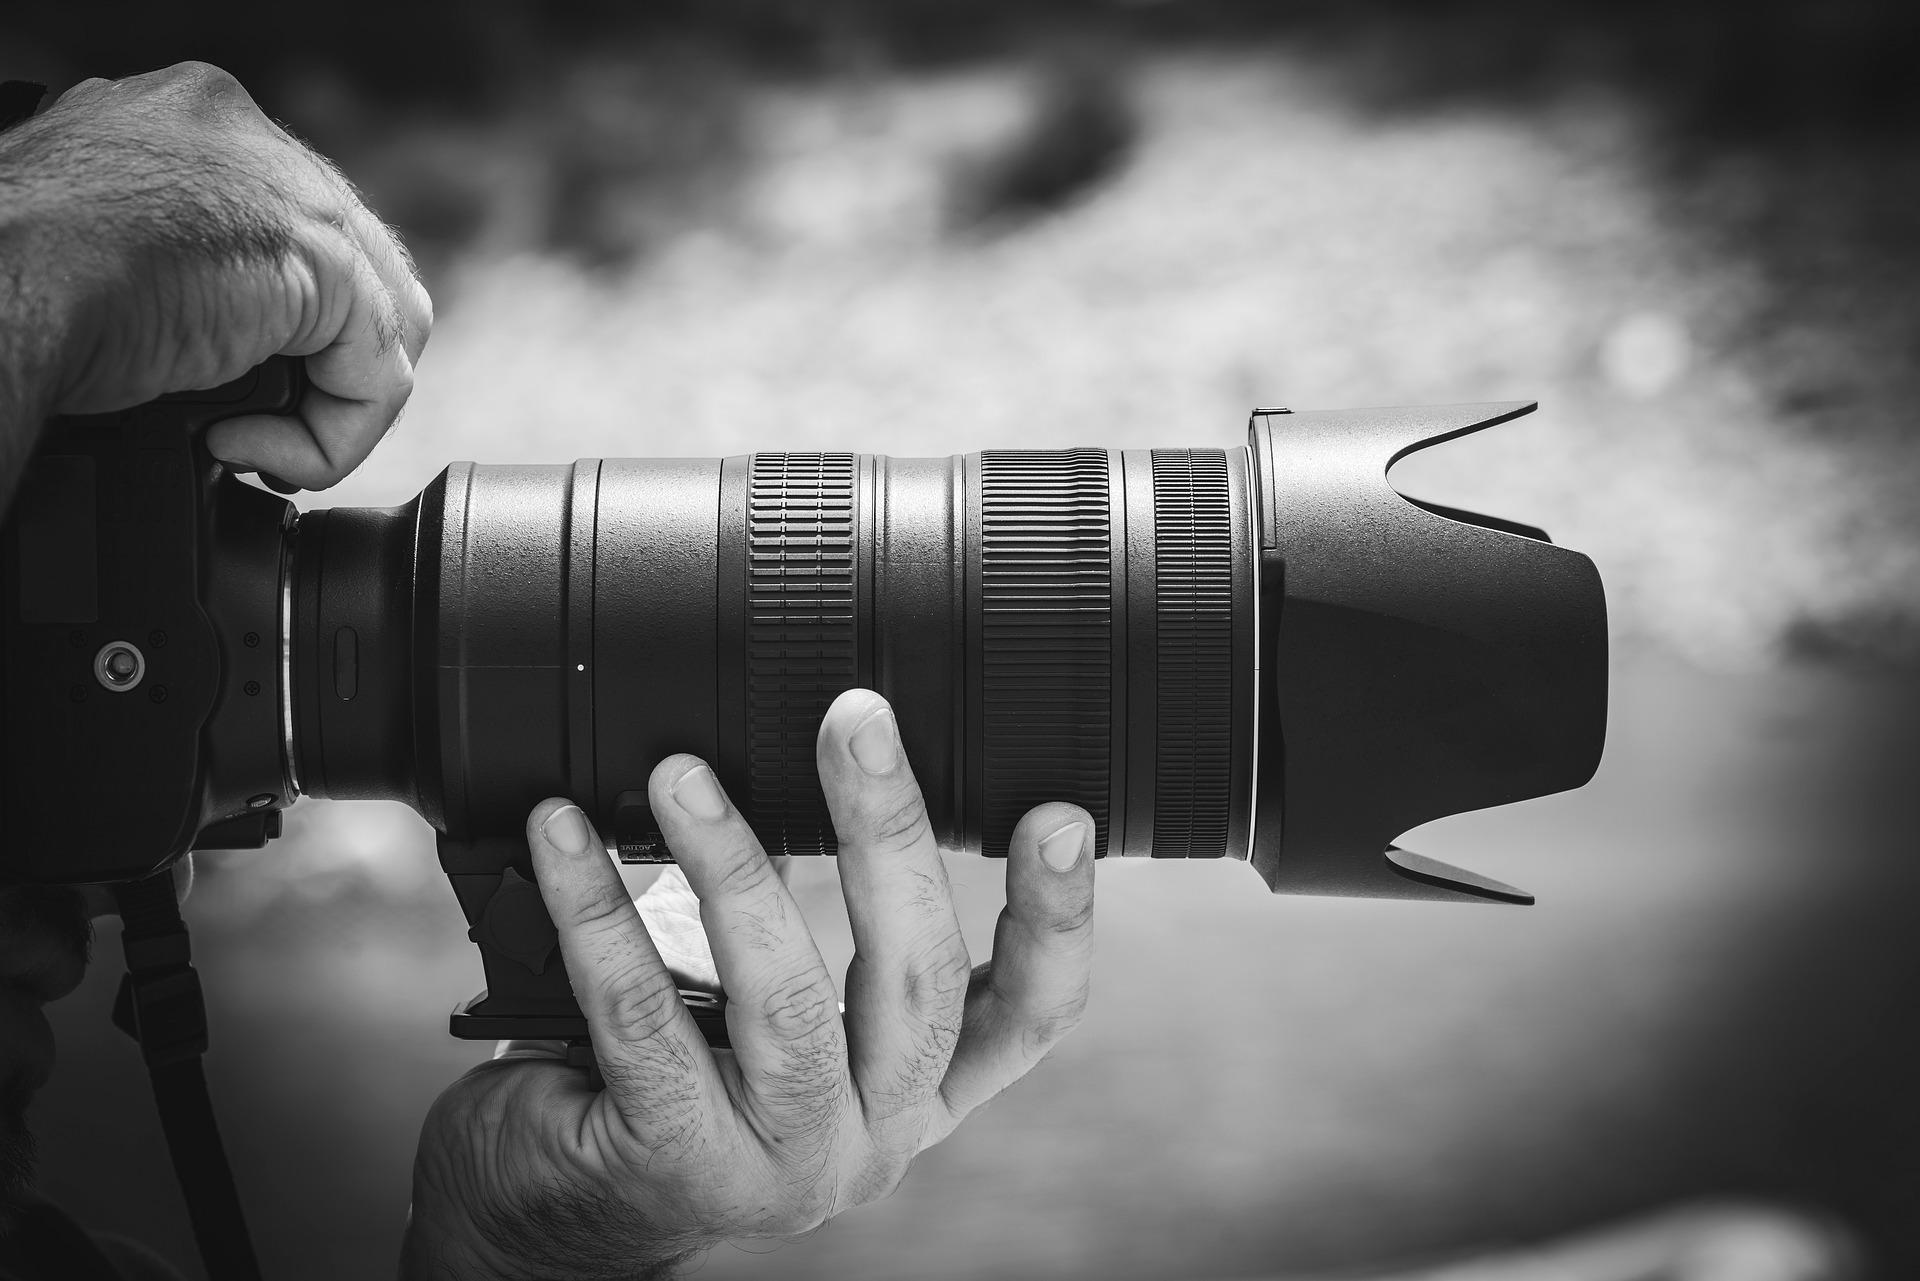 Nyheder fotografi journalist